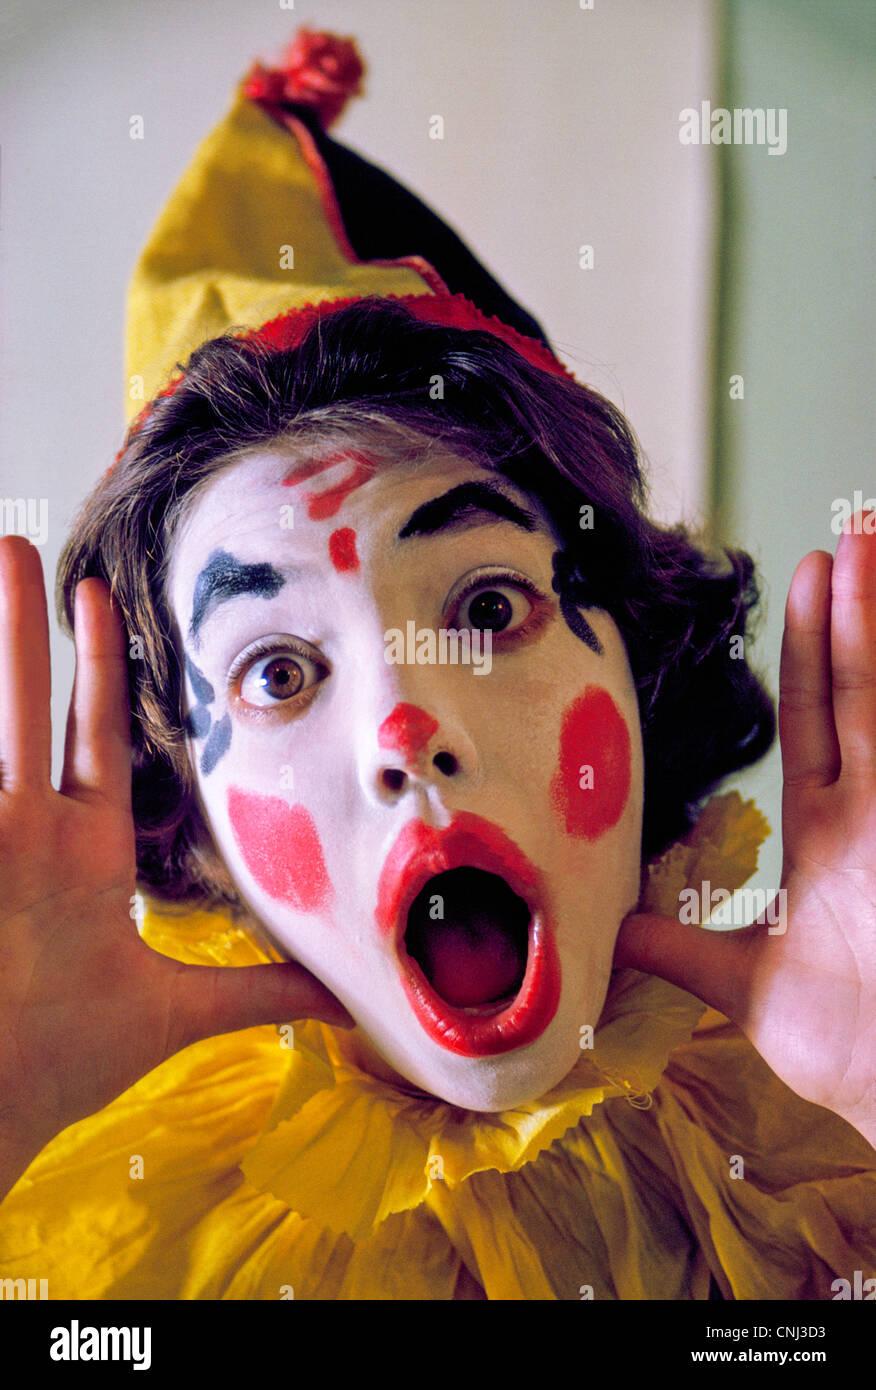 Une jeune fille s'habille comme un clown de cirque pour passer l'Halloween à l'assemblée annuelle Photo Stock